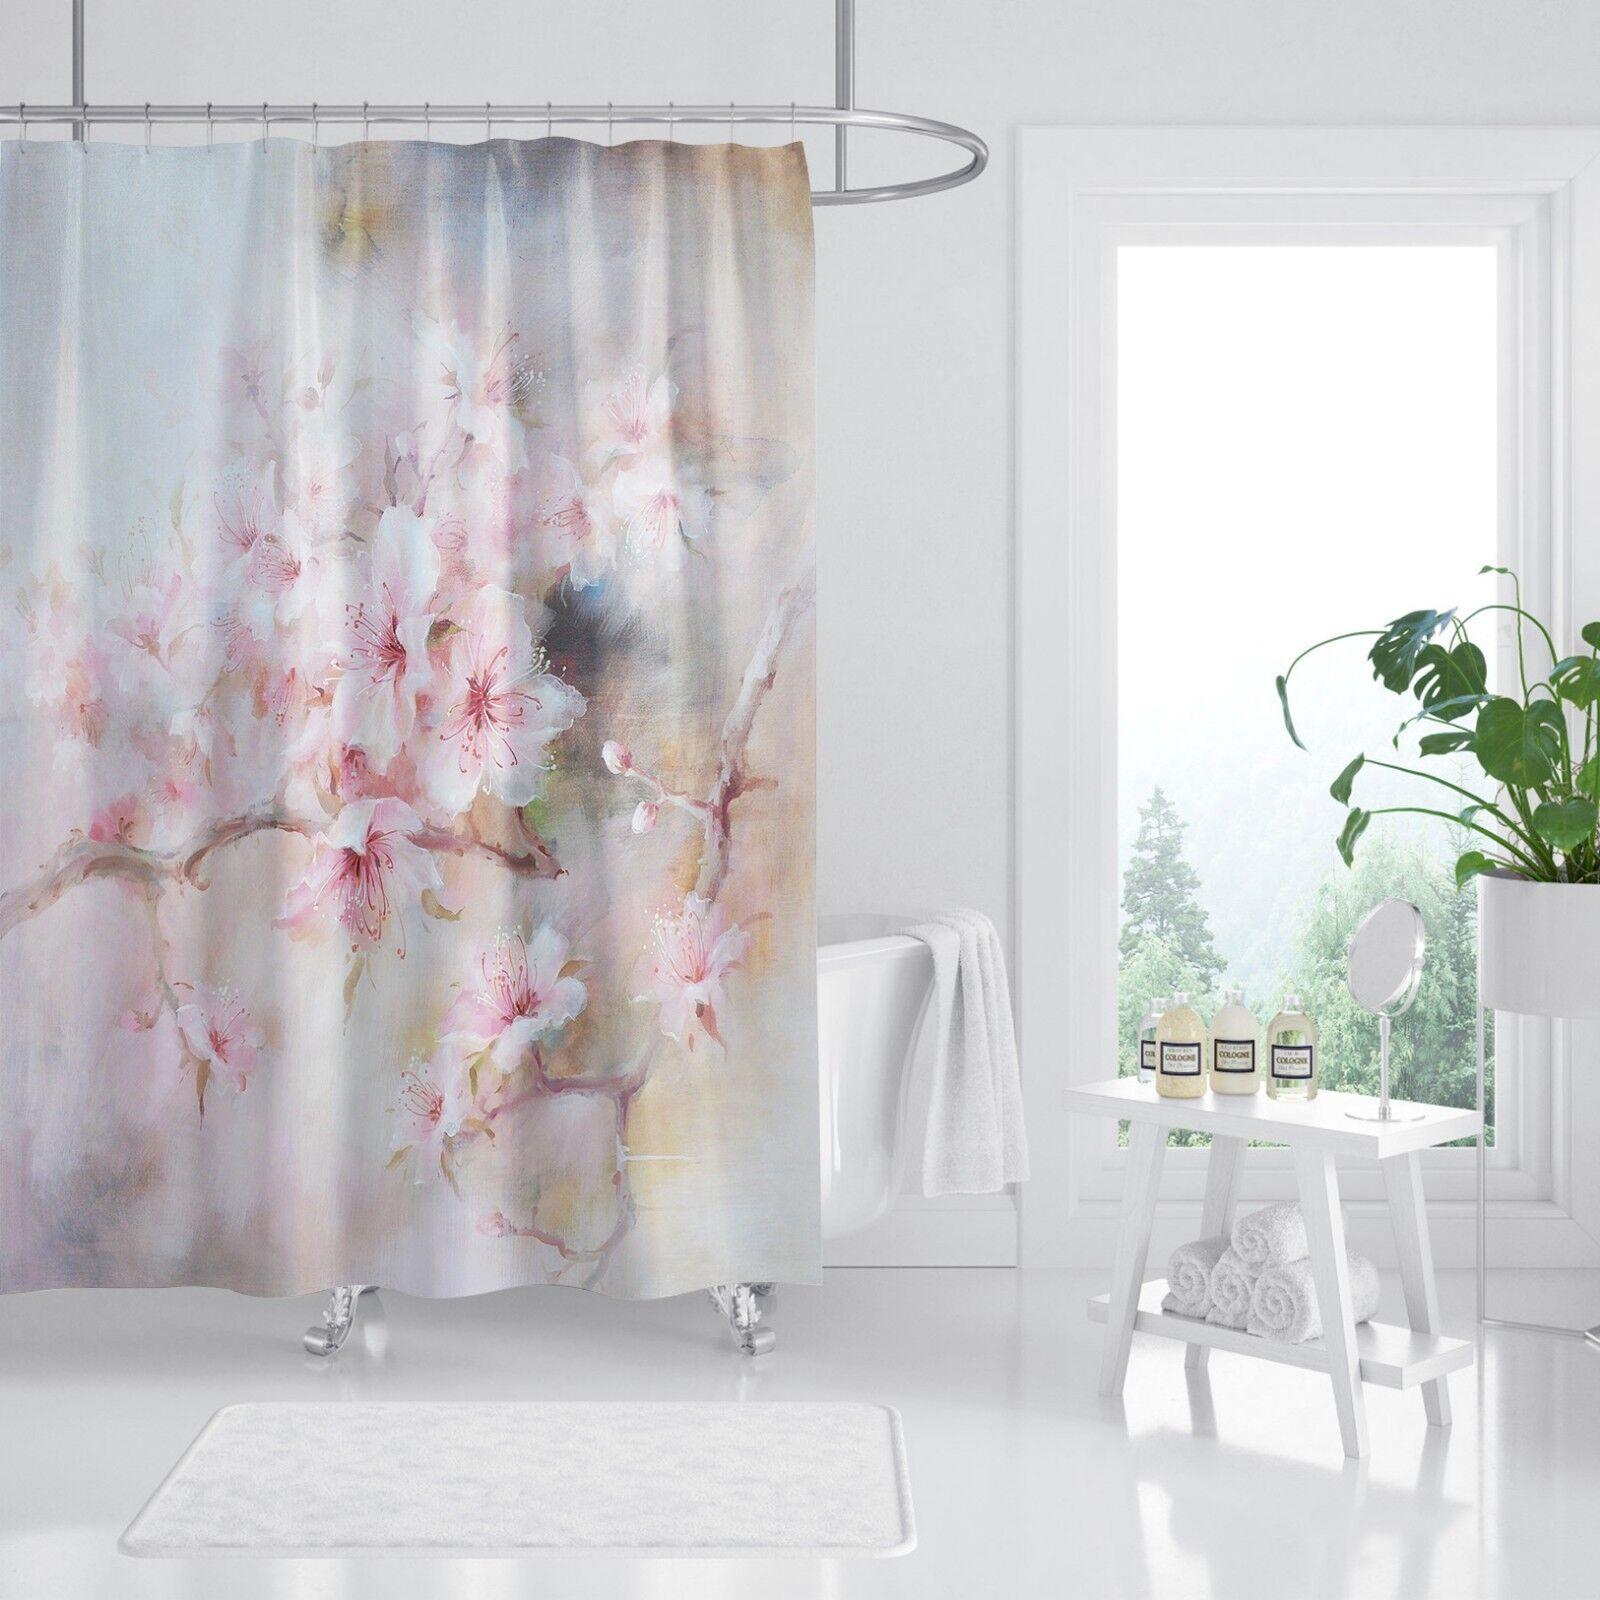 3D Pfirsichblüte 78 Duschvorhang Wasserdicht Faser Bad Daheim Windows Toilette